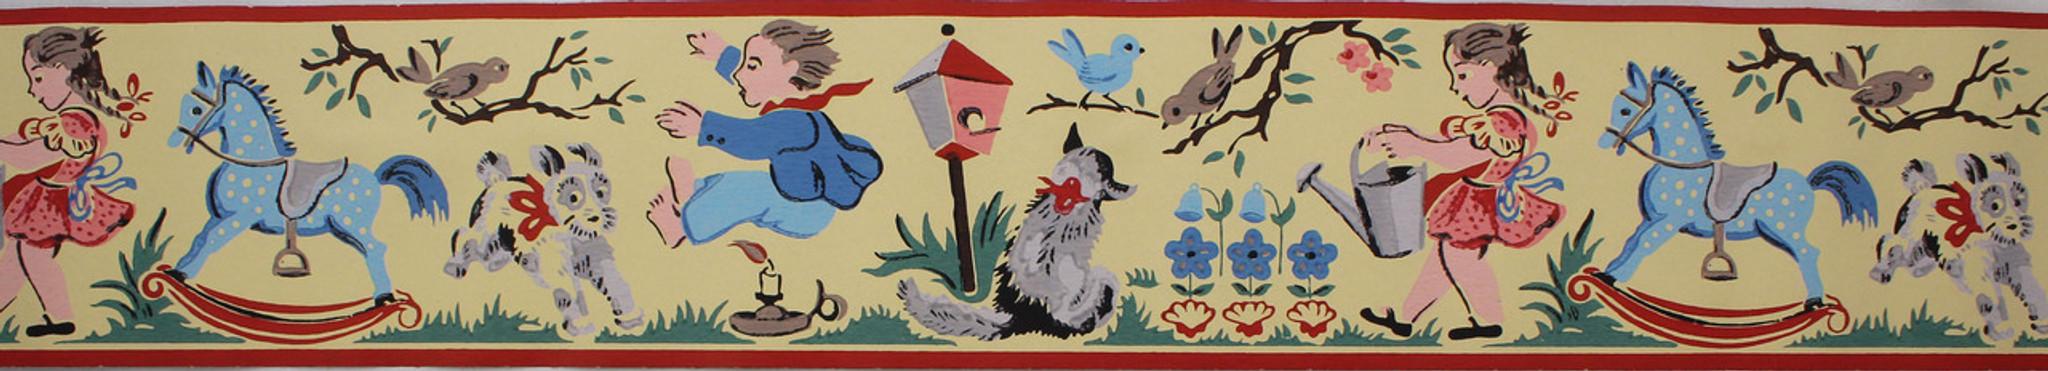 ... Imperial Vintage Wallpaper Border Jack Be Nimble Nursery Rhyme Yellow - Imperial Vintage Wallpaper Border Jack Be Nimble Nursery Rhyme